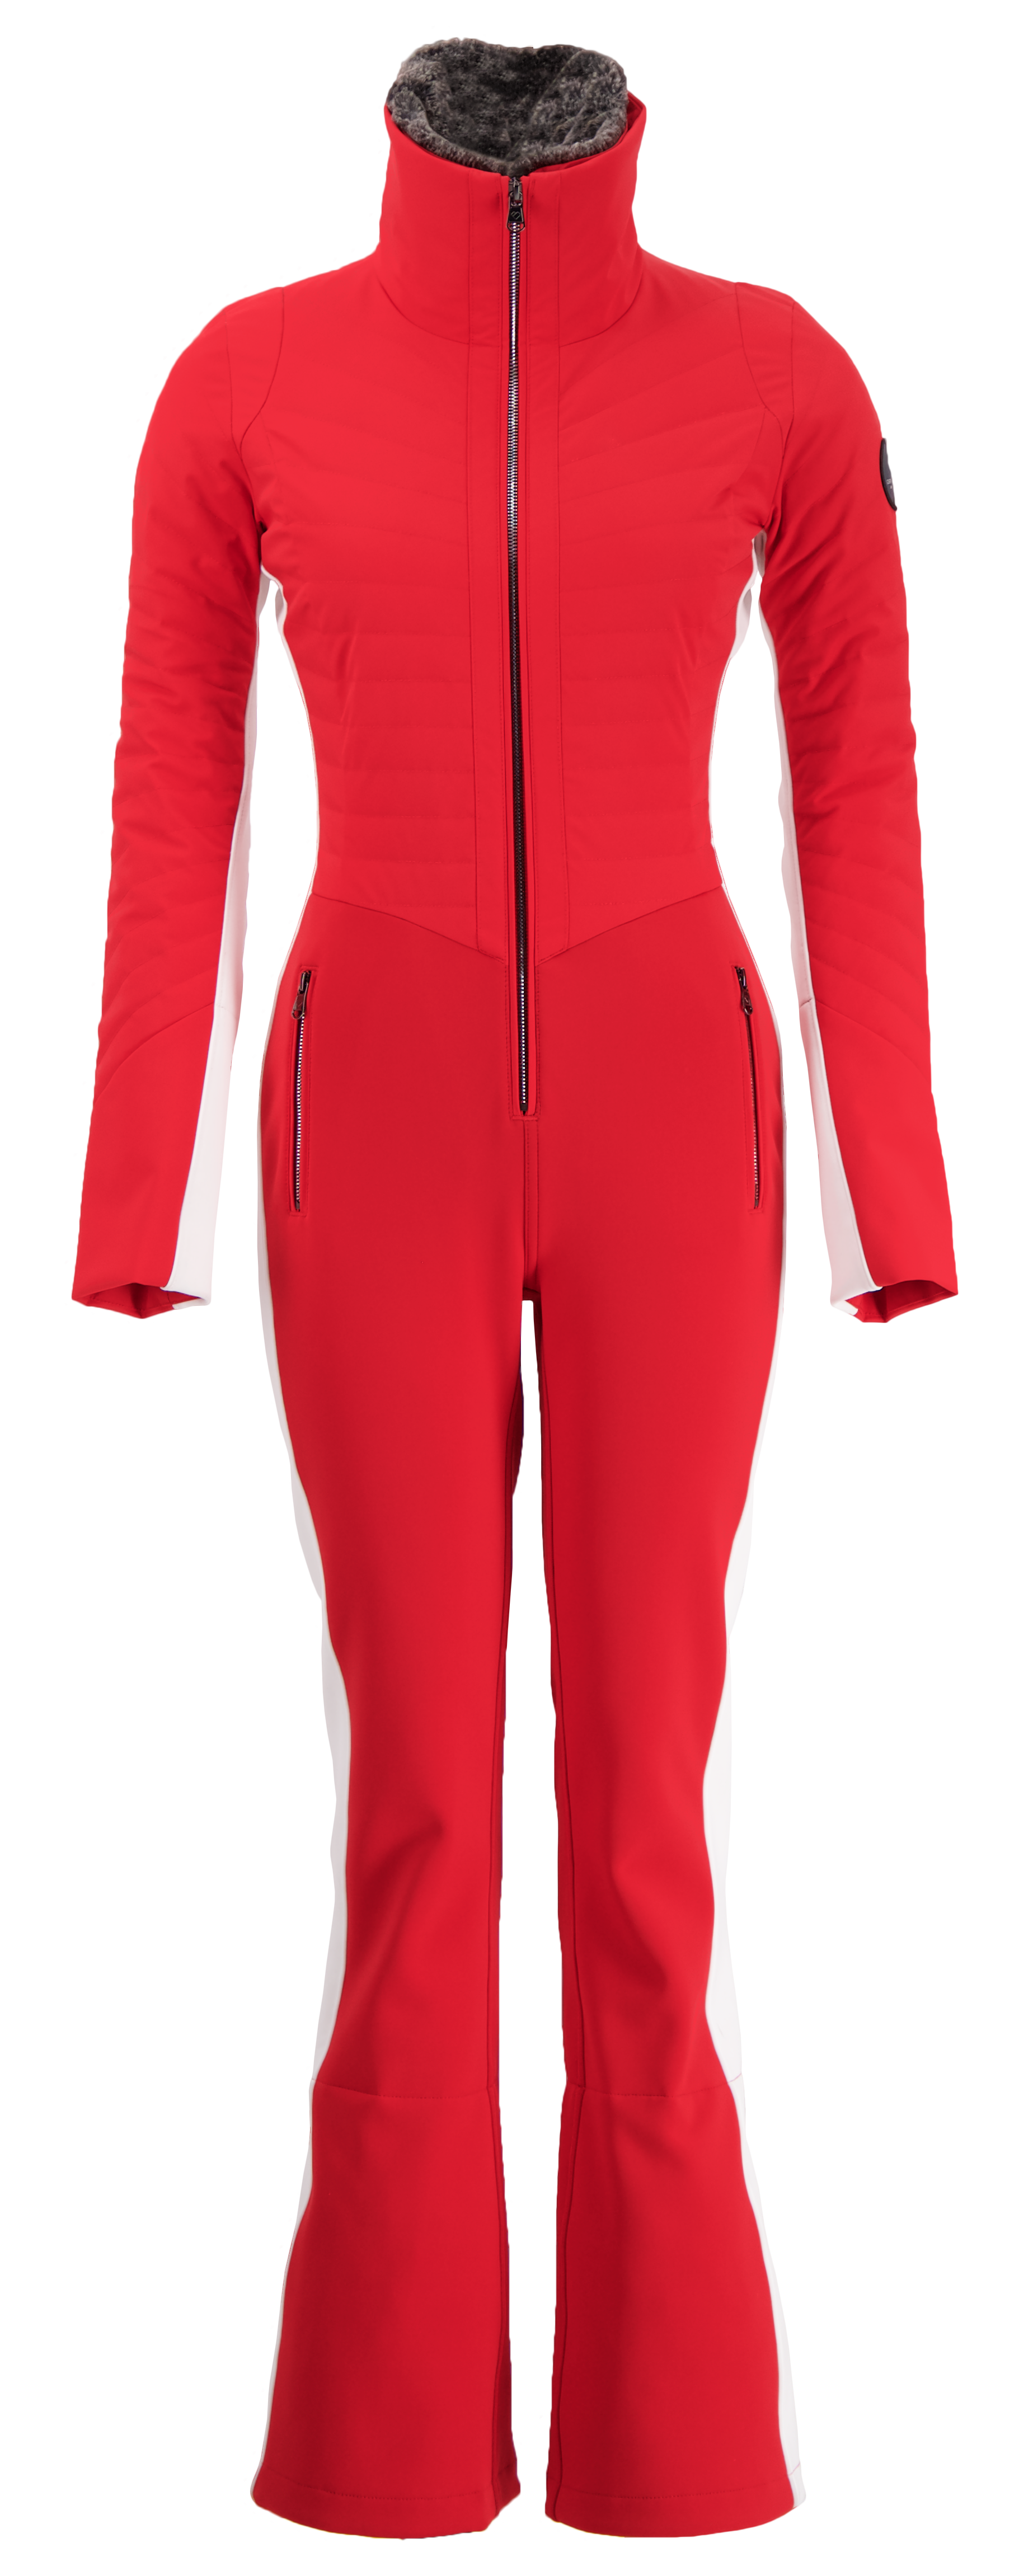 Mikaela Shiffrin, Levi WC Slalom 2019